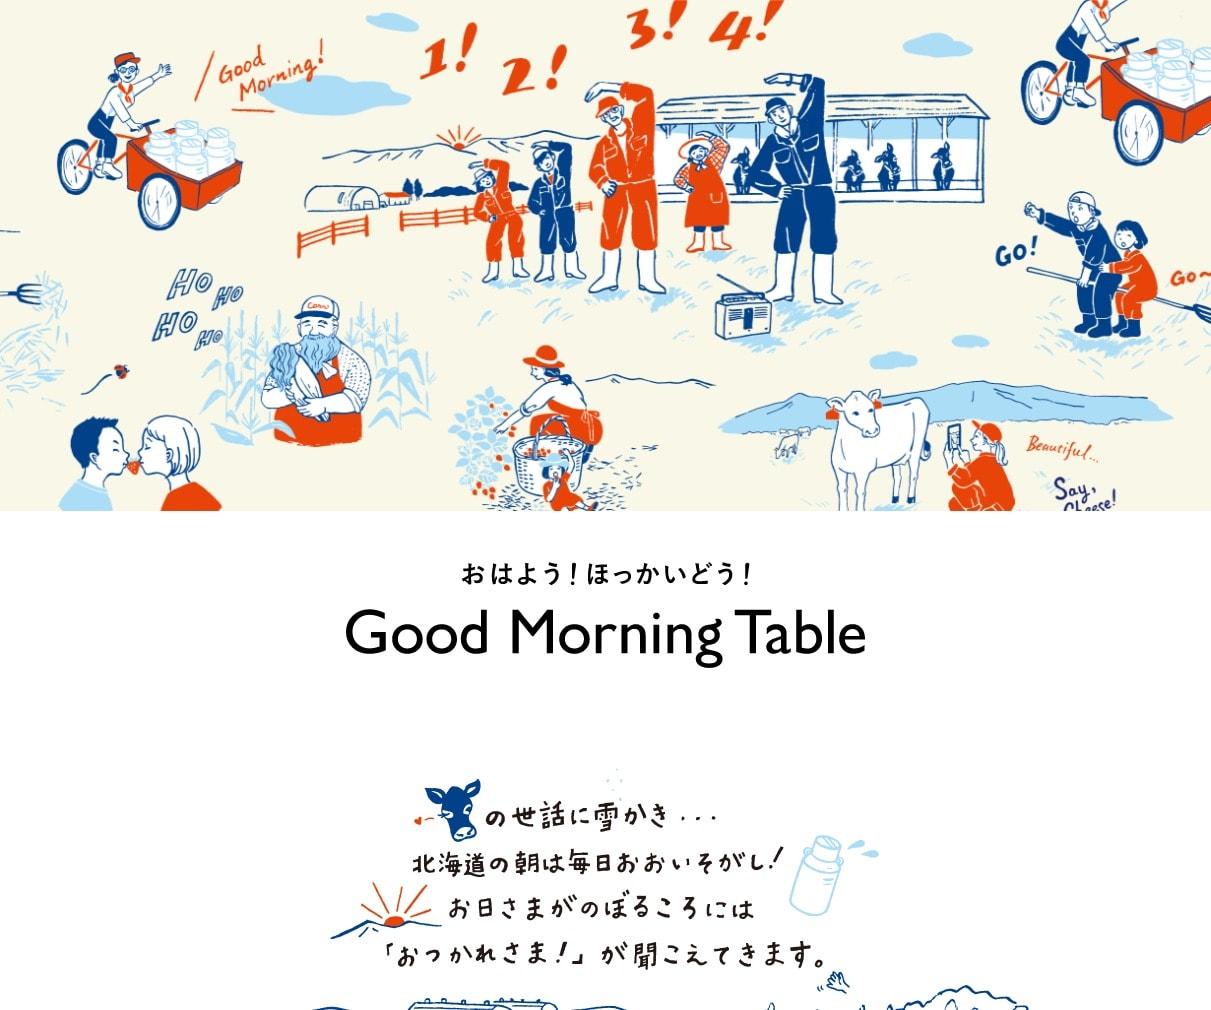 グッドモーニングテーブルlGood Morning Table|おはよう!ほっかいどう!